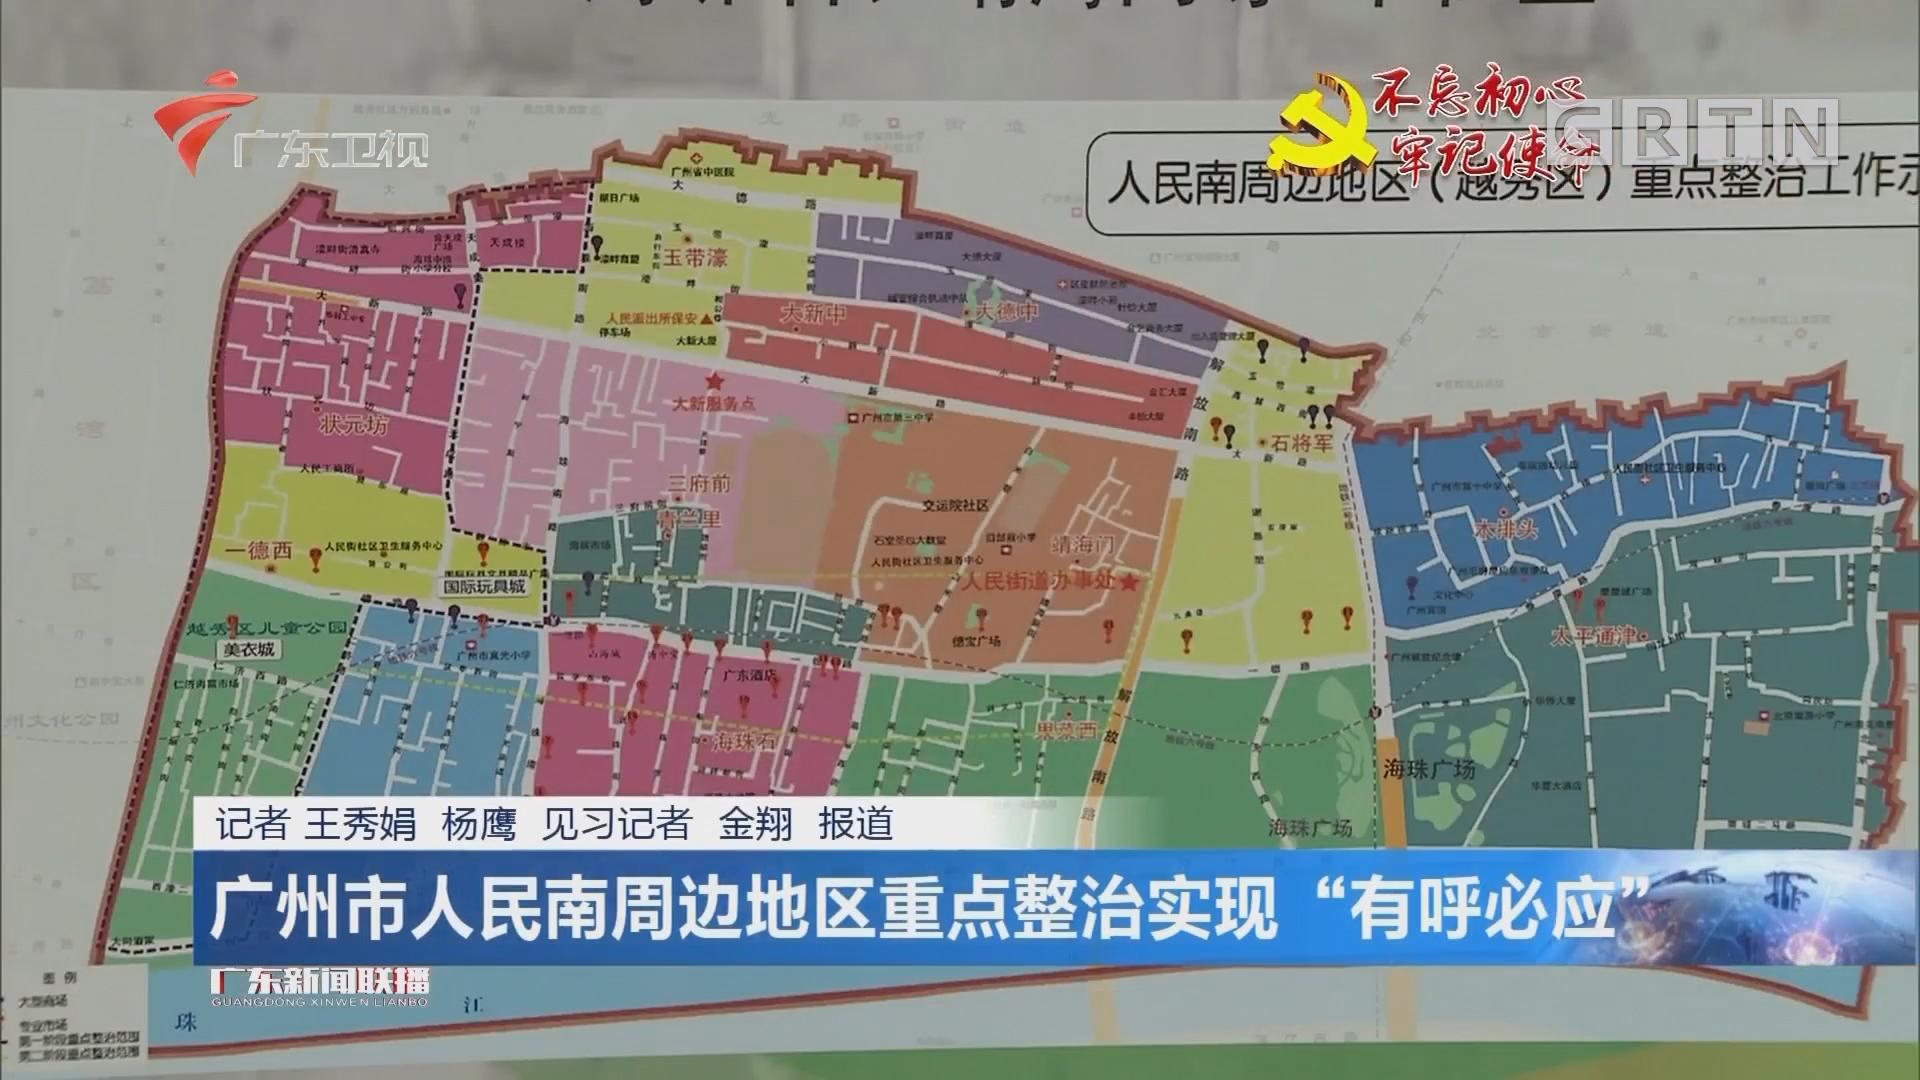 """广州市人民南周边地区重点整治实现""""有呼必应"""""""